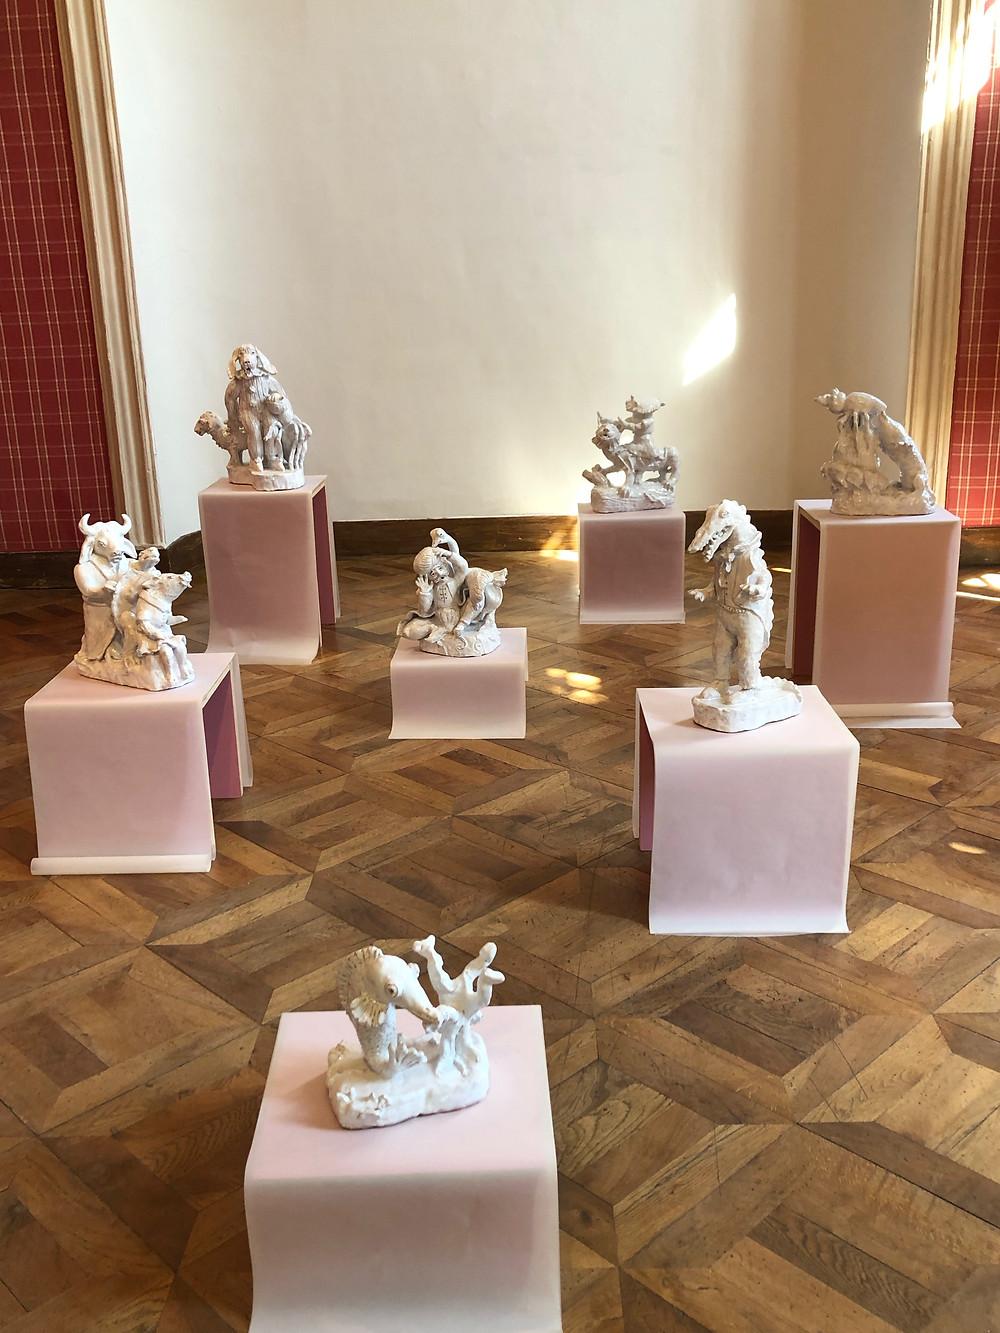 Ensemble céramiques Marie Ducaté